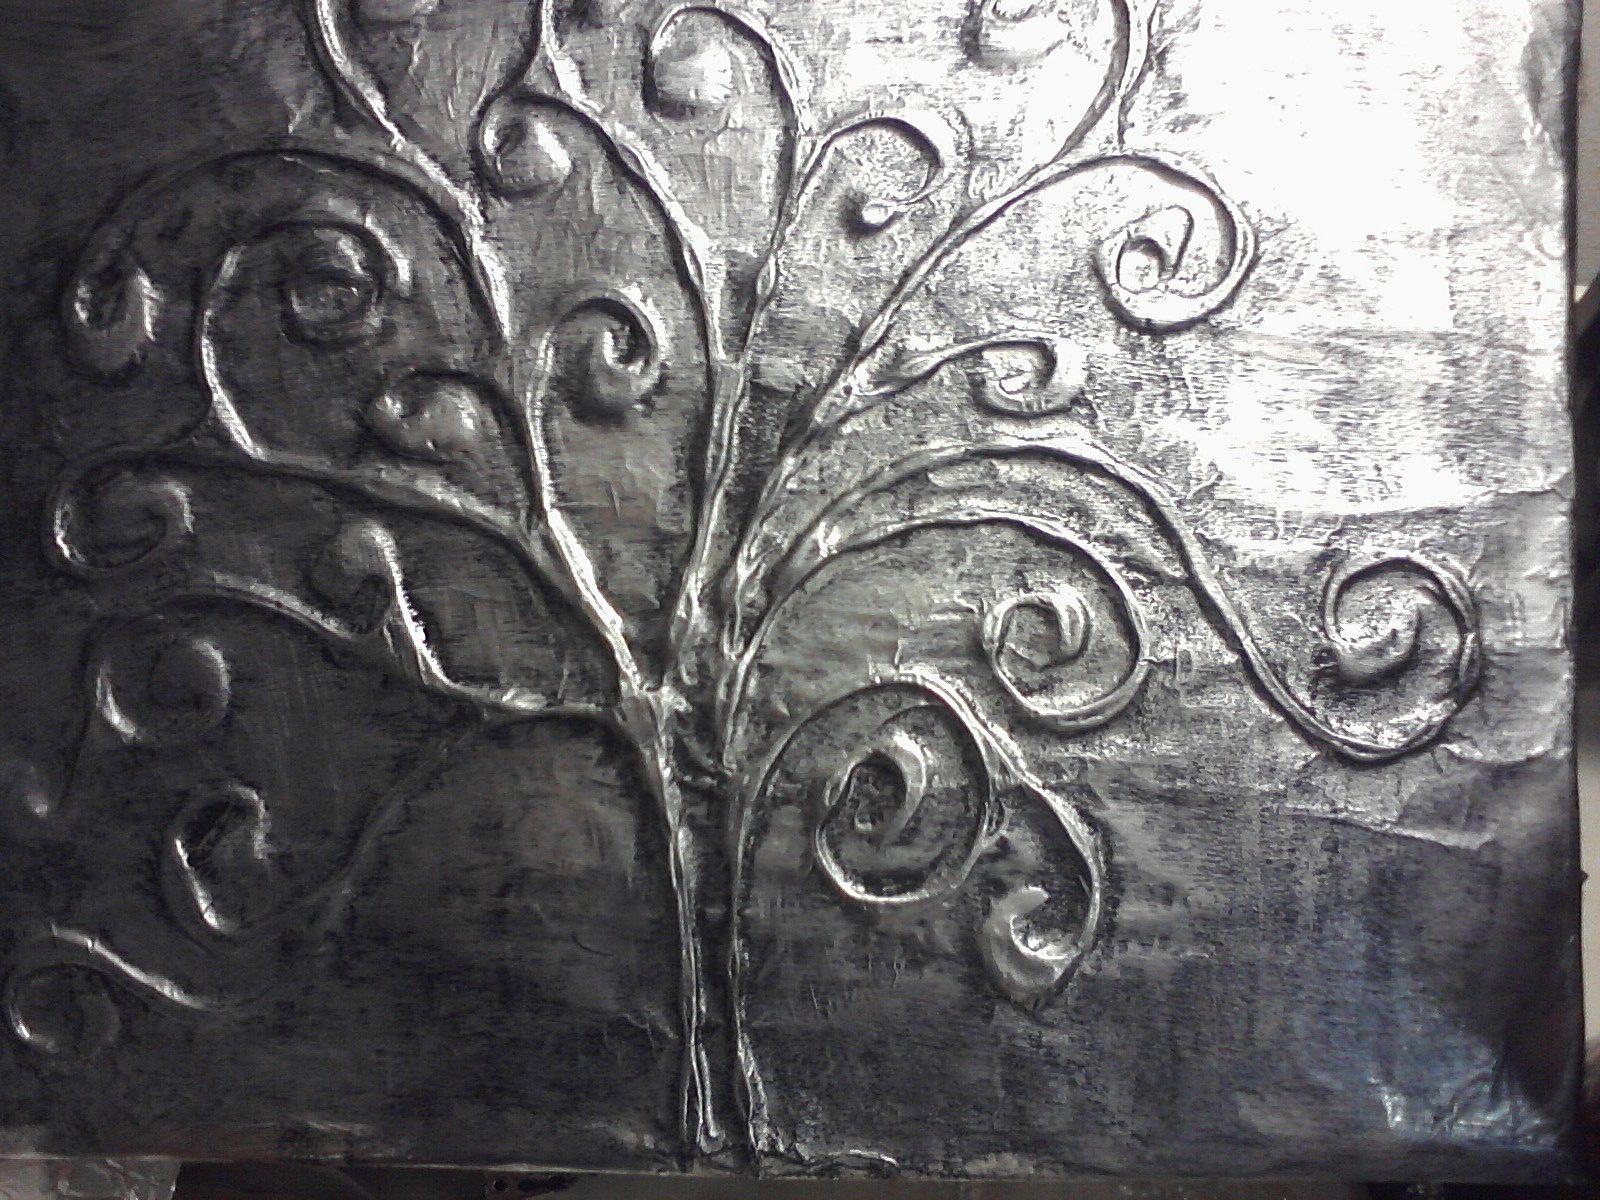 2013 52 weeks of arts crafts week 6 making aluminum